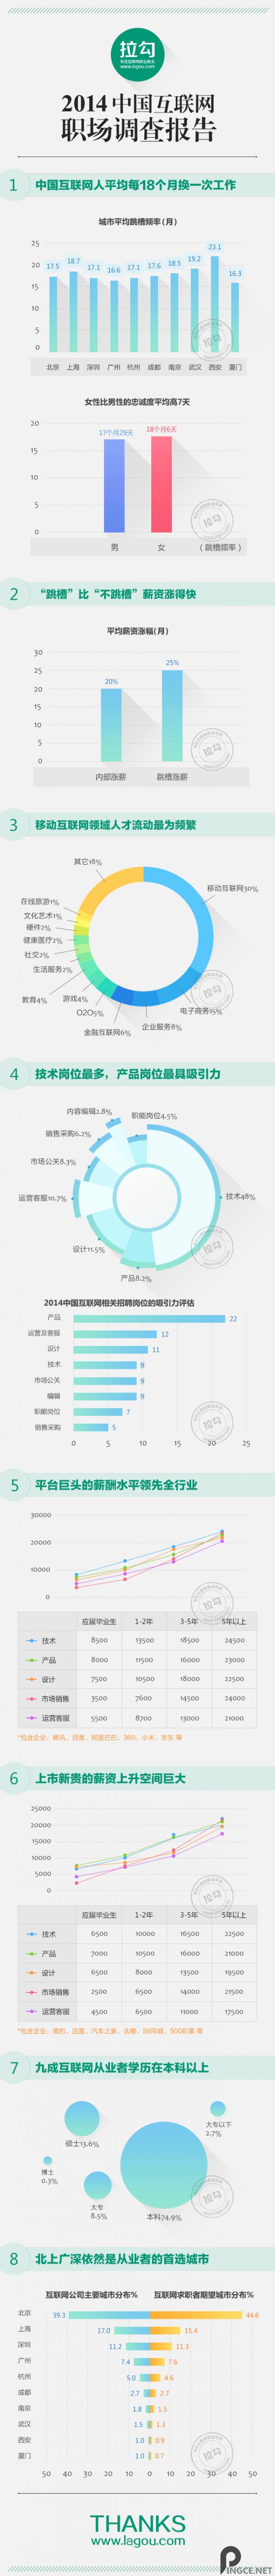 中国互联网从业者每18个月换一次工作